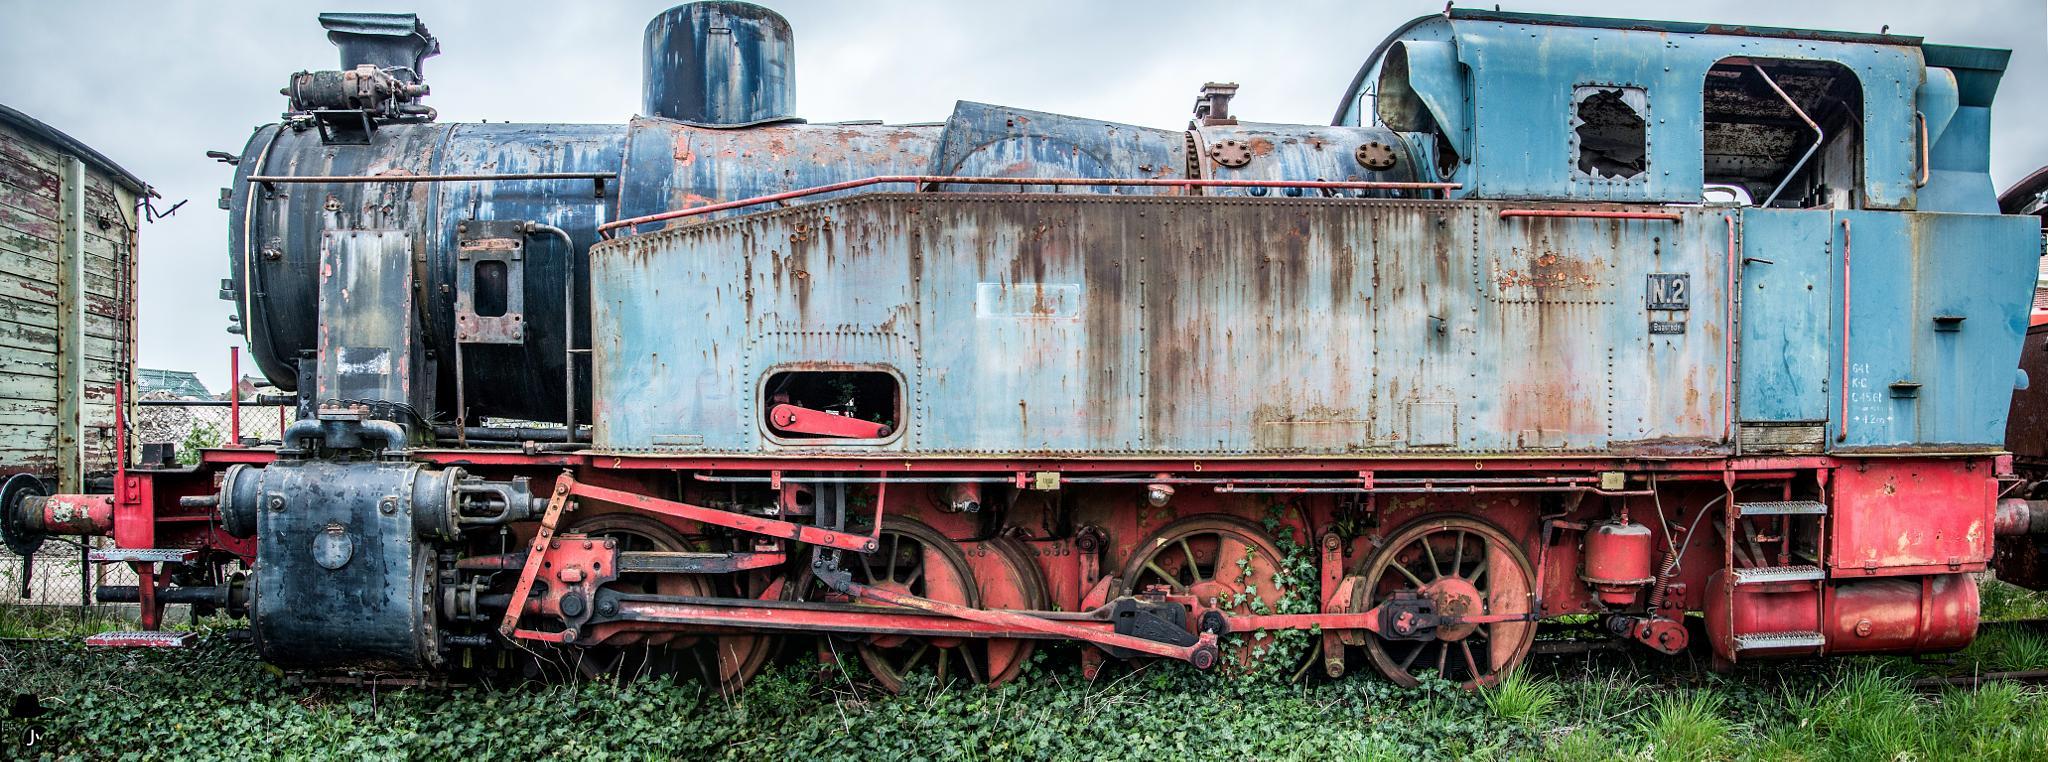 Le train by Le Baroudeur